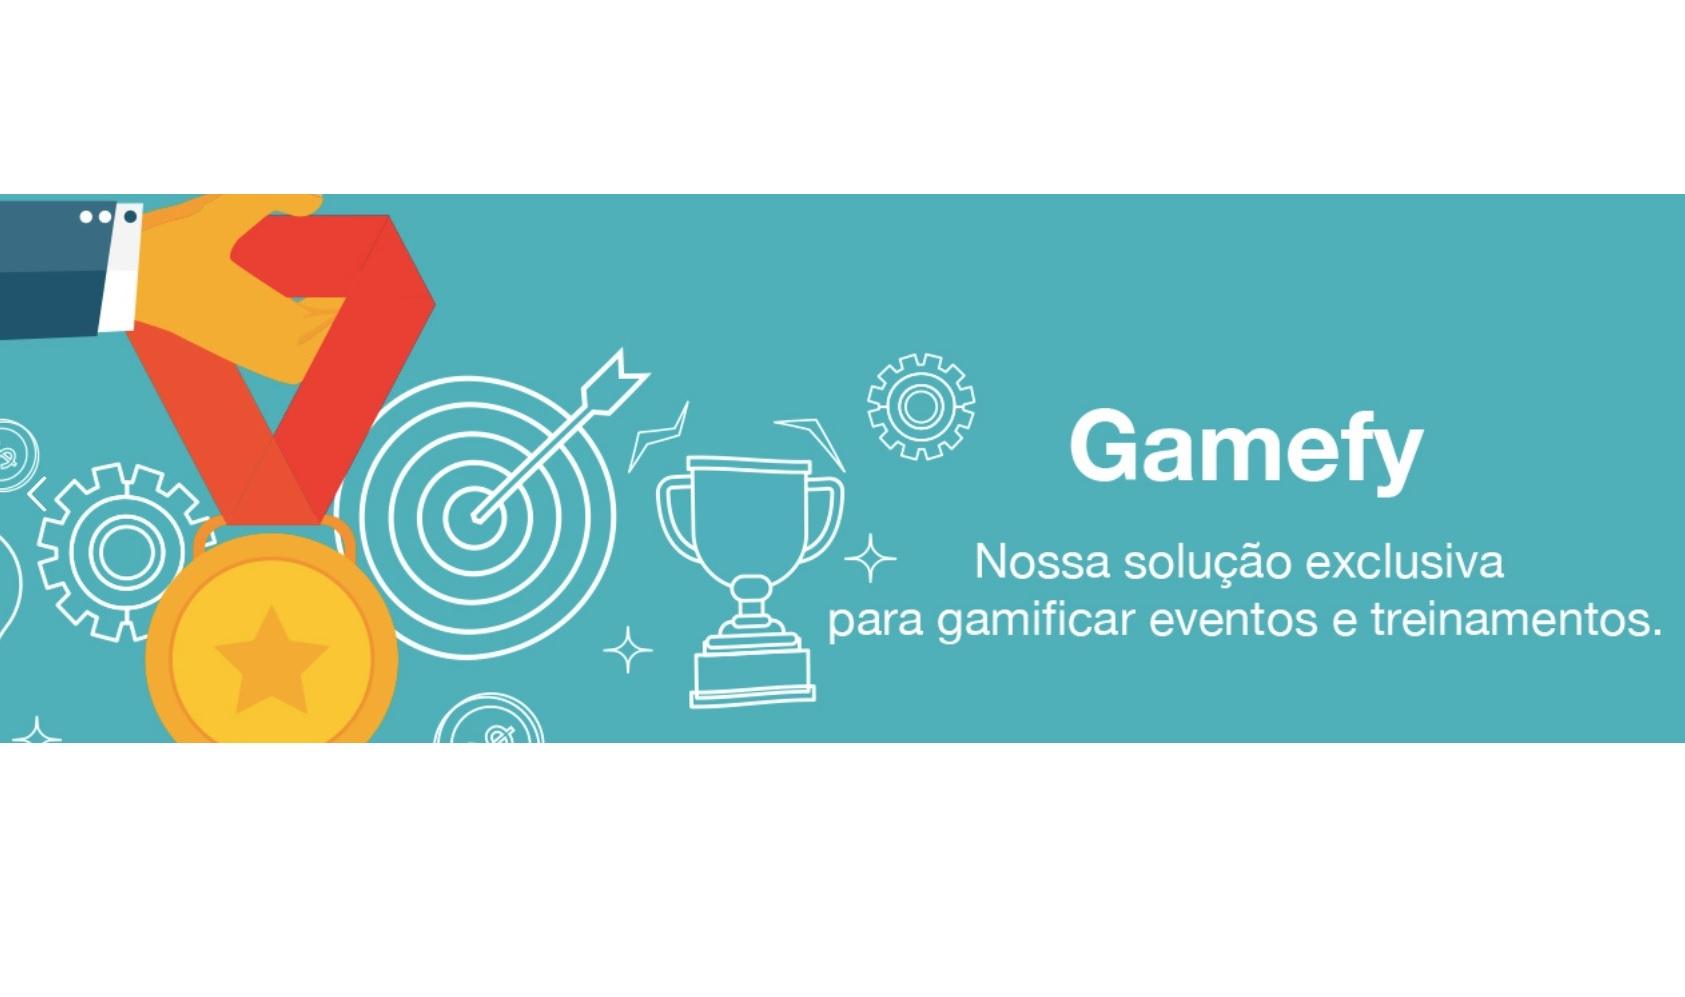 Gamefy - Plataforma para Gamificar treinamentos, eventos e convenções